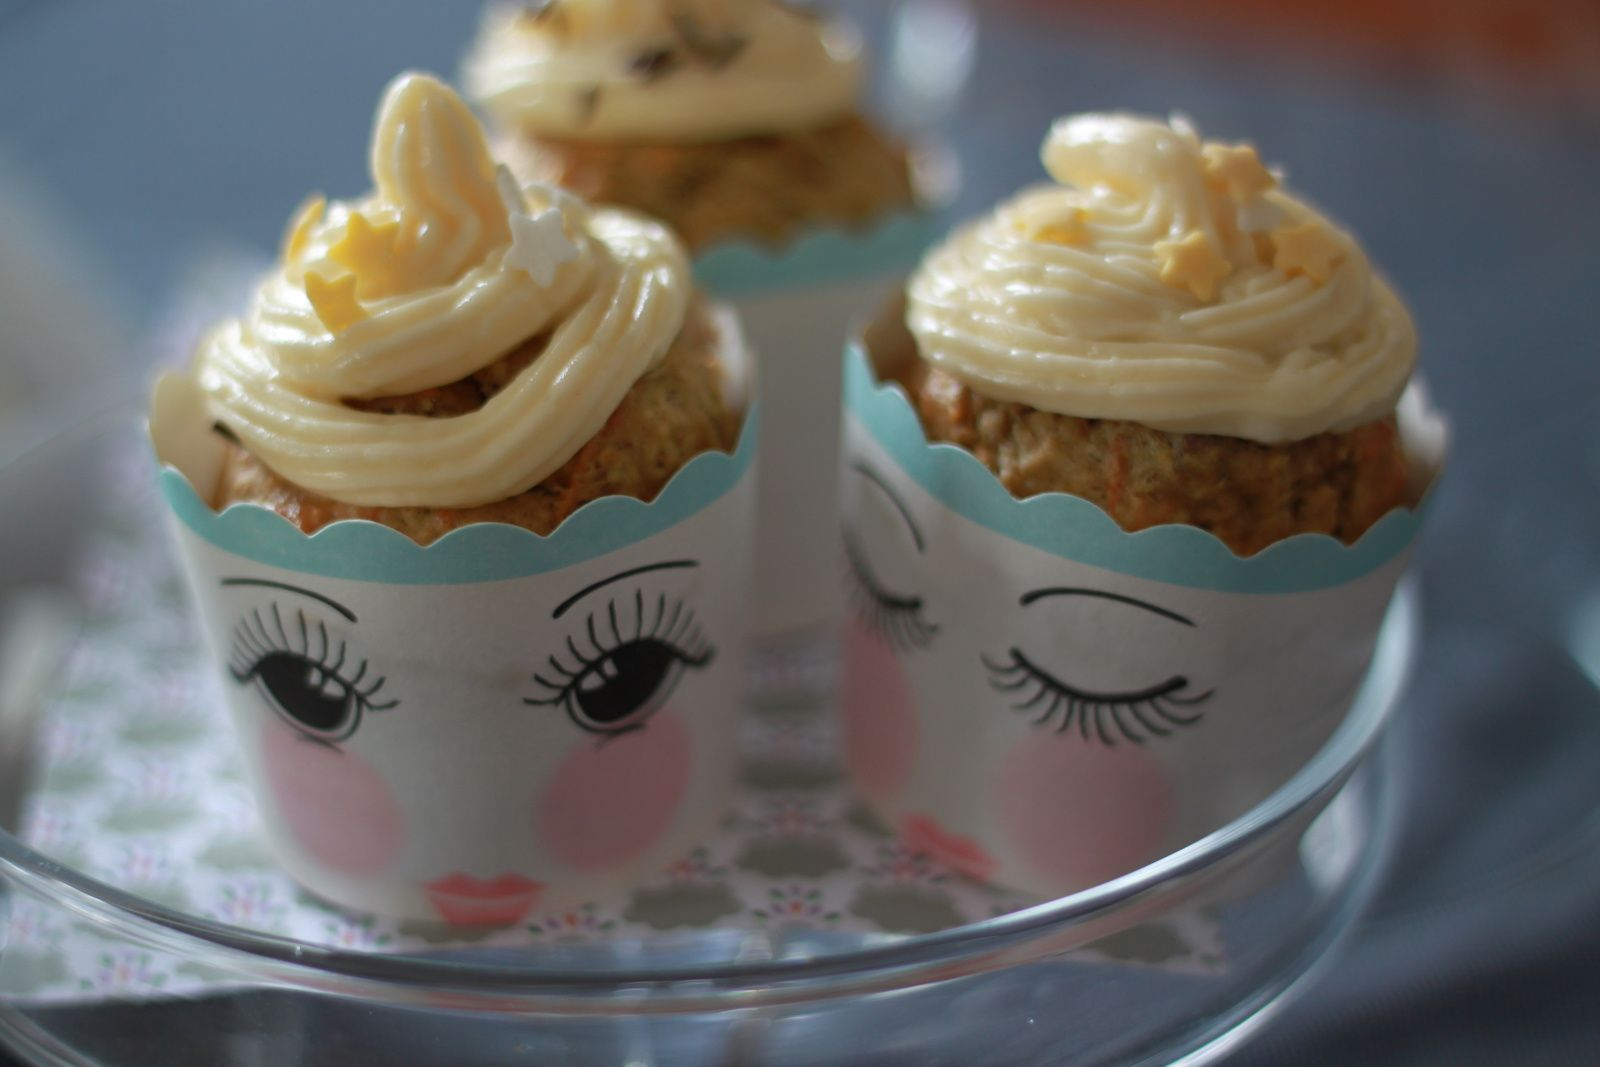 Petits carrots cupcakes...!!! Un côté surréaliste que j'adore!